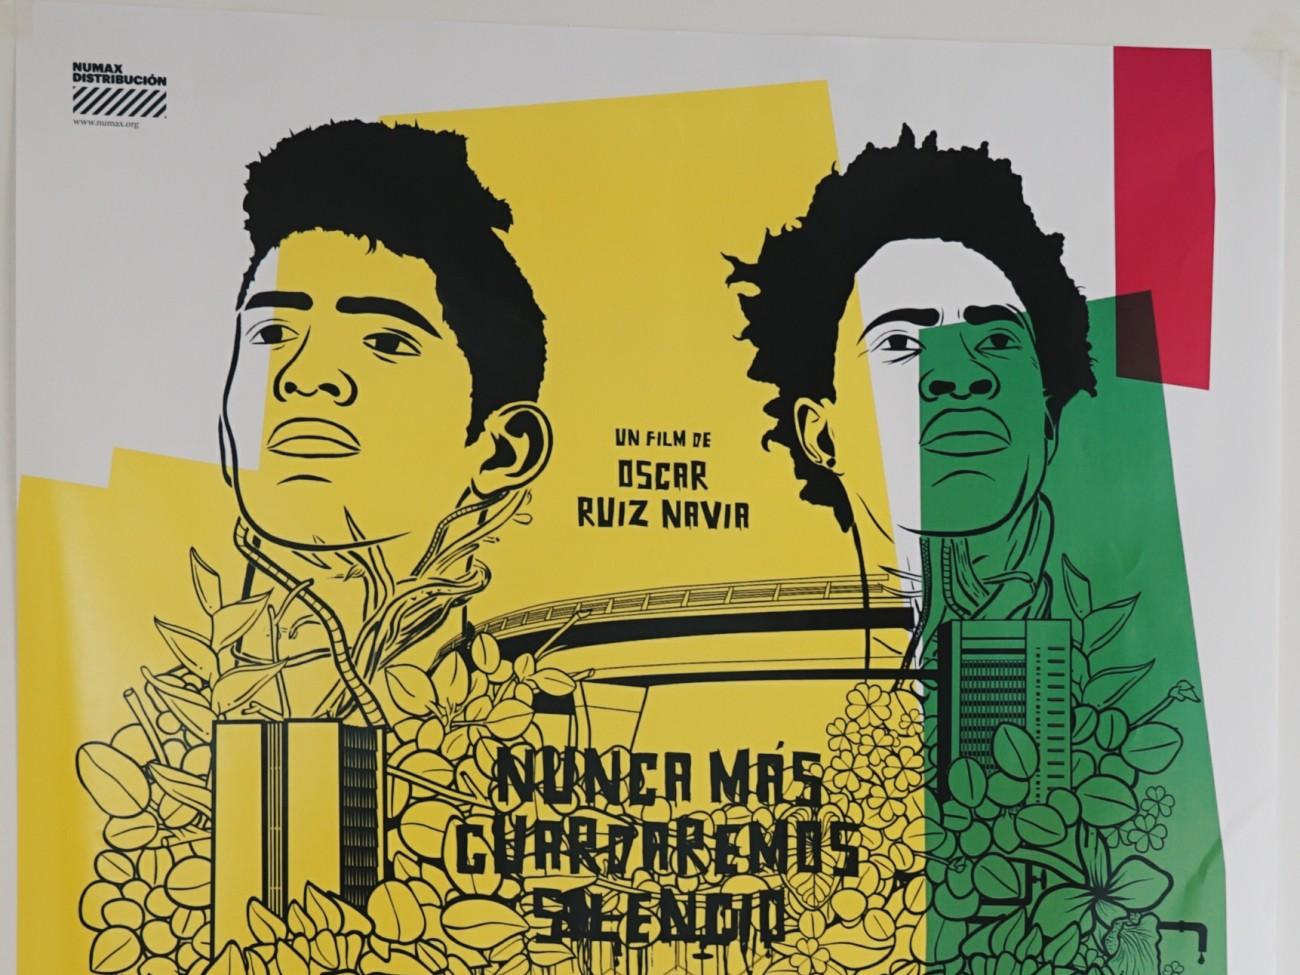 Le Numax se lance dans une nouvelle activité de distributeur de films. Le 4 septembre prochain, ils sortiront le film colombier Los Hongos dans les salles espagnoles (sortie le 27 mai 2015 en France par Arizona Films). Ils ont eux-mêmes créé tout le matériel de promotion nécessaire depuis la salle (affiche, bande-annonce, etc) et se chargent de la programmation du film dans tout le pays.